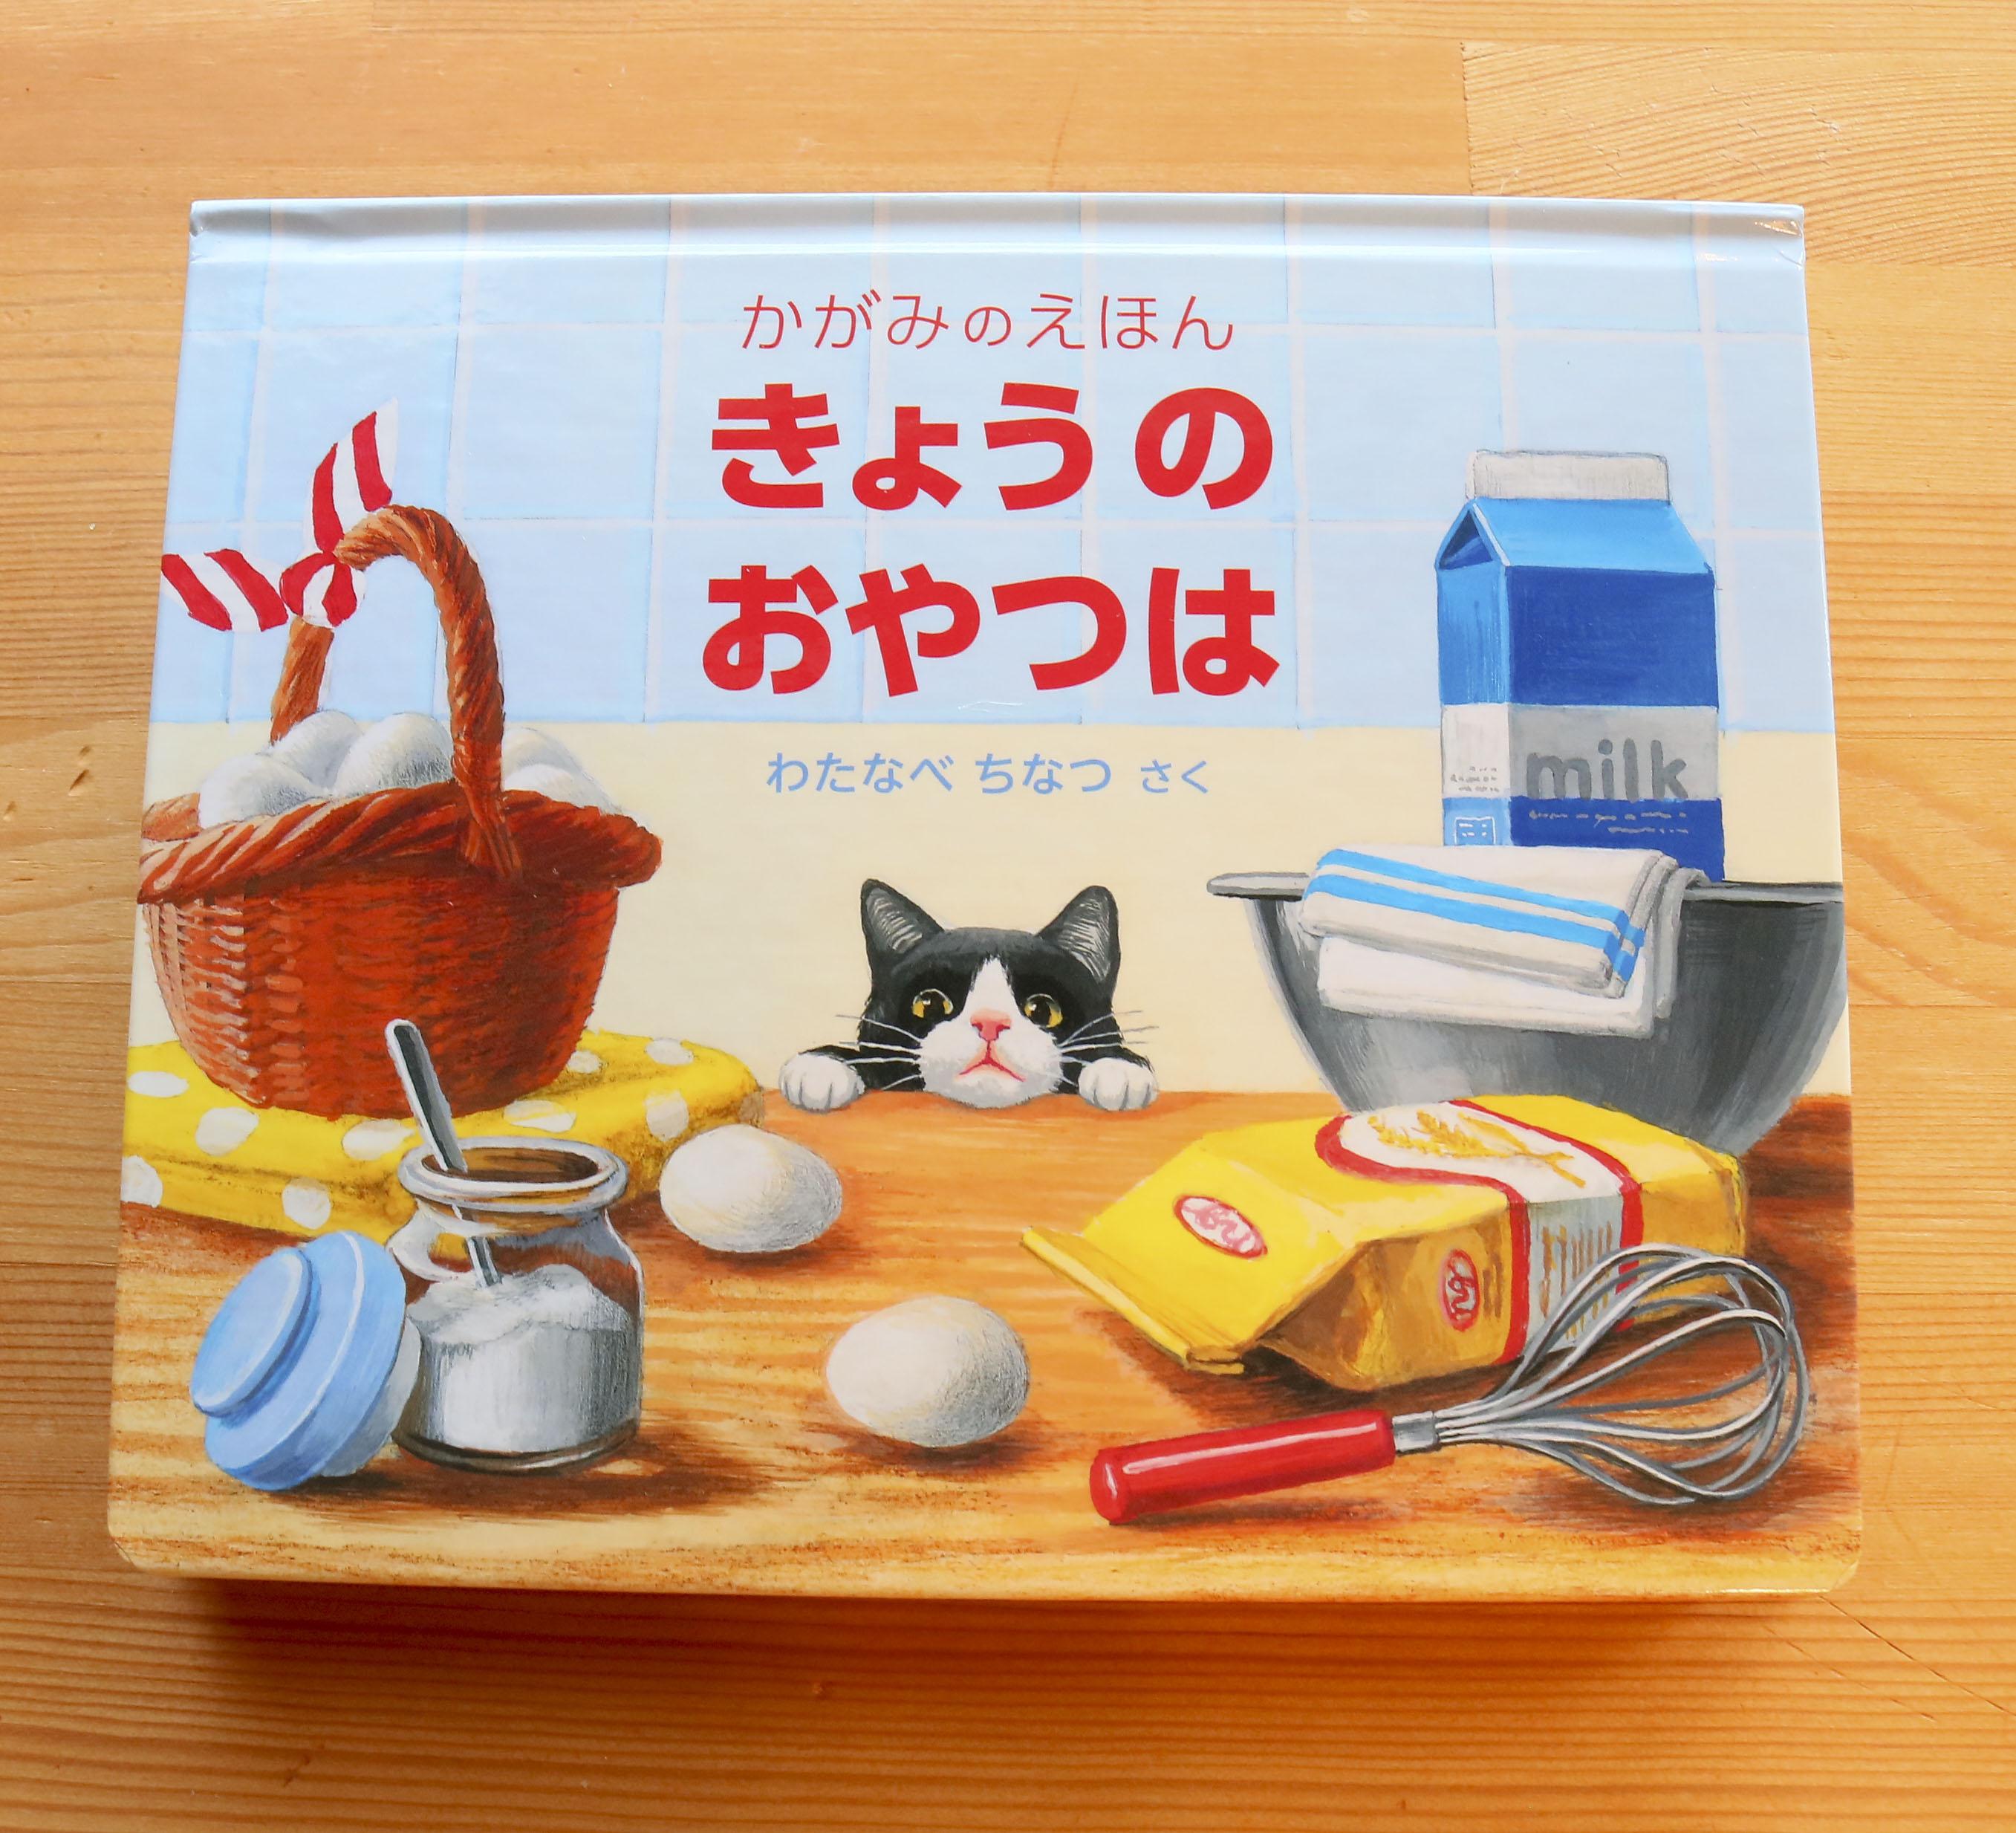 きょうのおやつは 絵本 秋田 かぎしっぽ 猫絵本